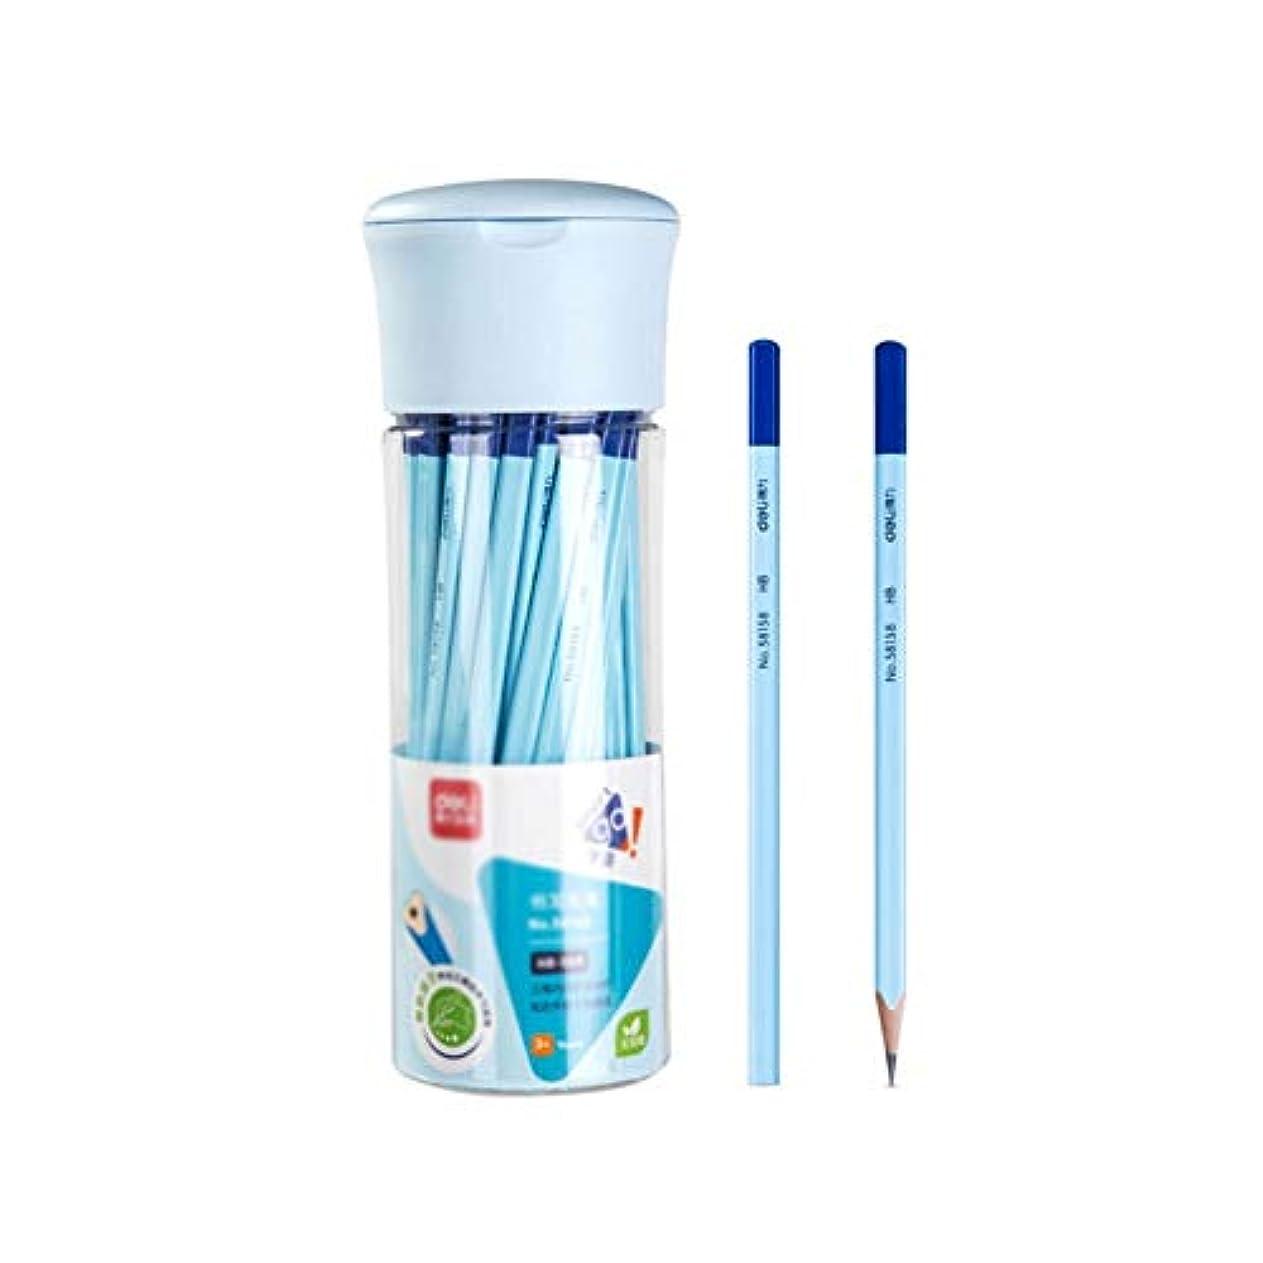 しなければならないレジデンス差別化するGaoxingbianlidian001 ペイントブラシ、グリップ、快適な三角形、凹型鉛筆、修正グリップ、50バレルの木製スケッチペイントブラシ(50パック、7 * 24cm) 簡単で簡単 (Color : Blue, Size : 7*24cm)